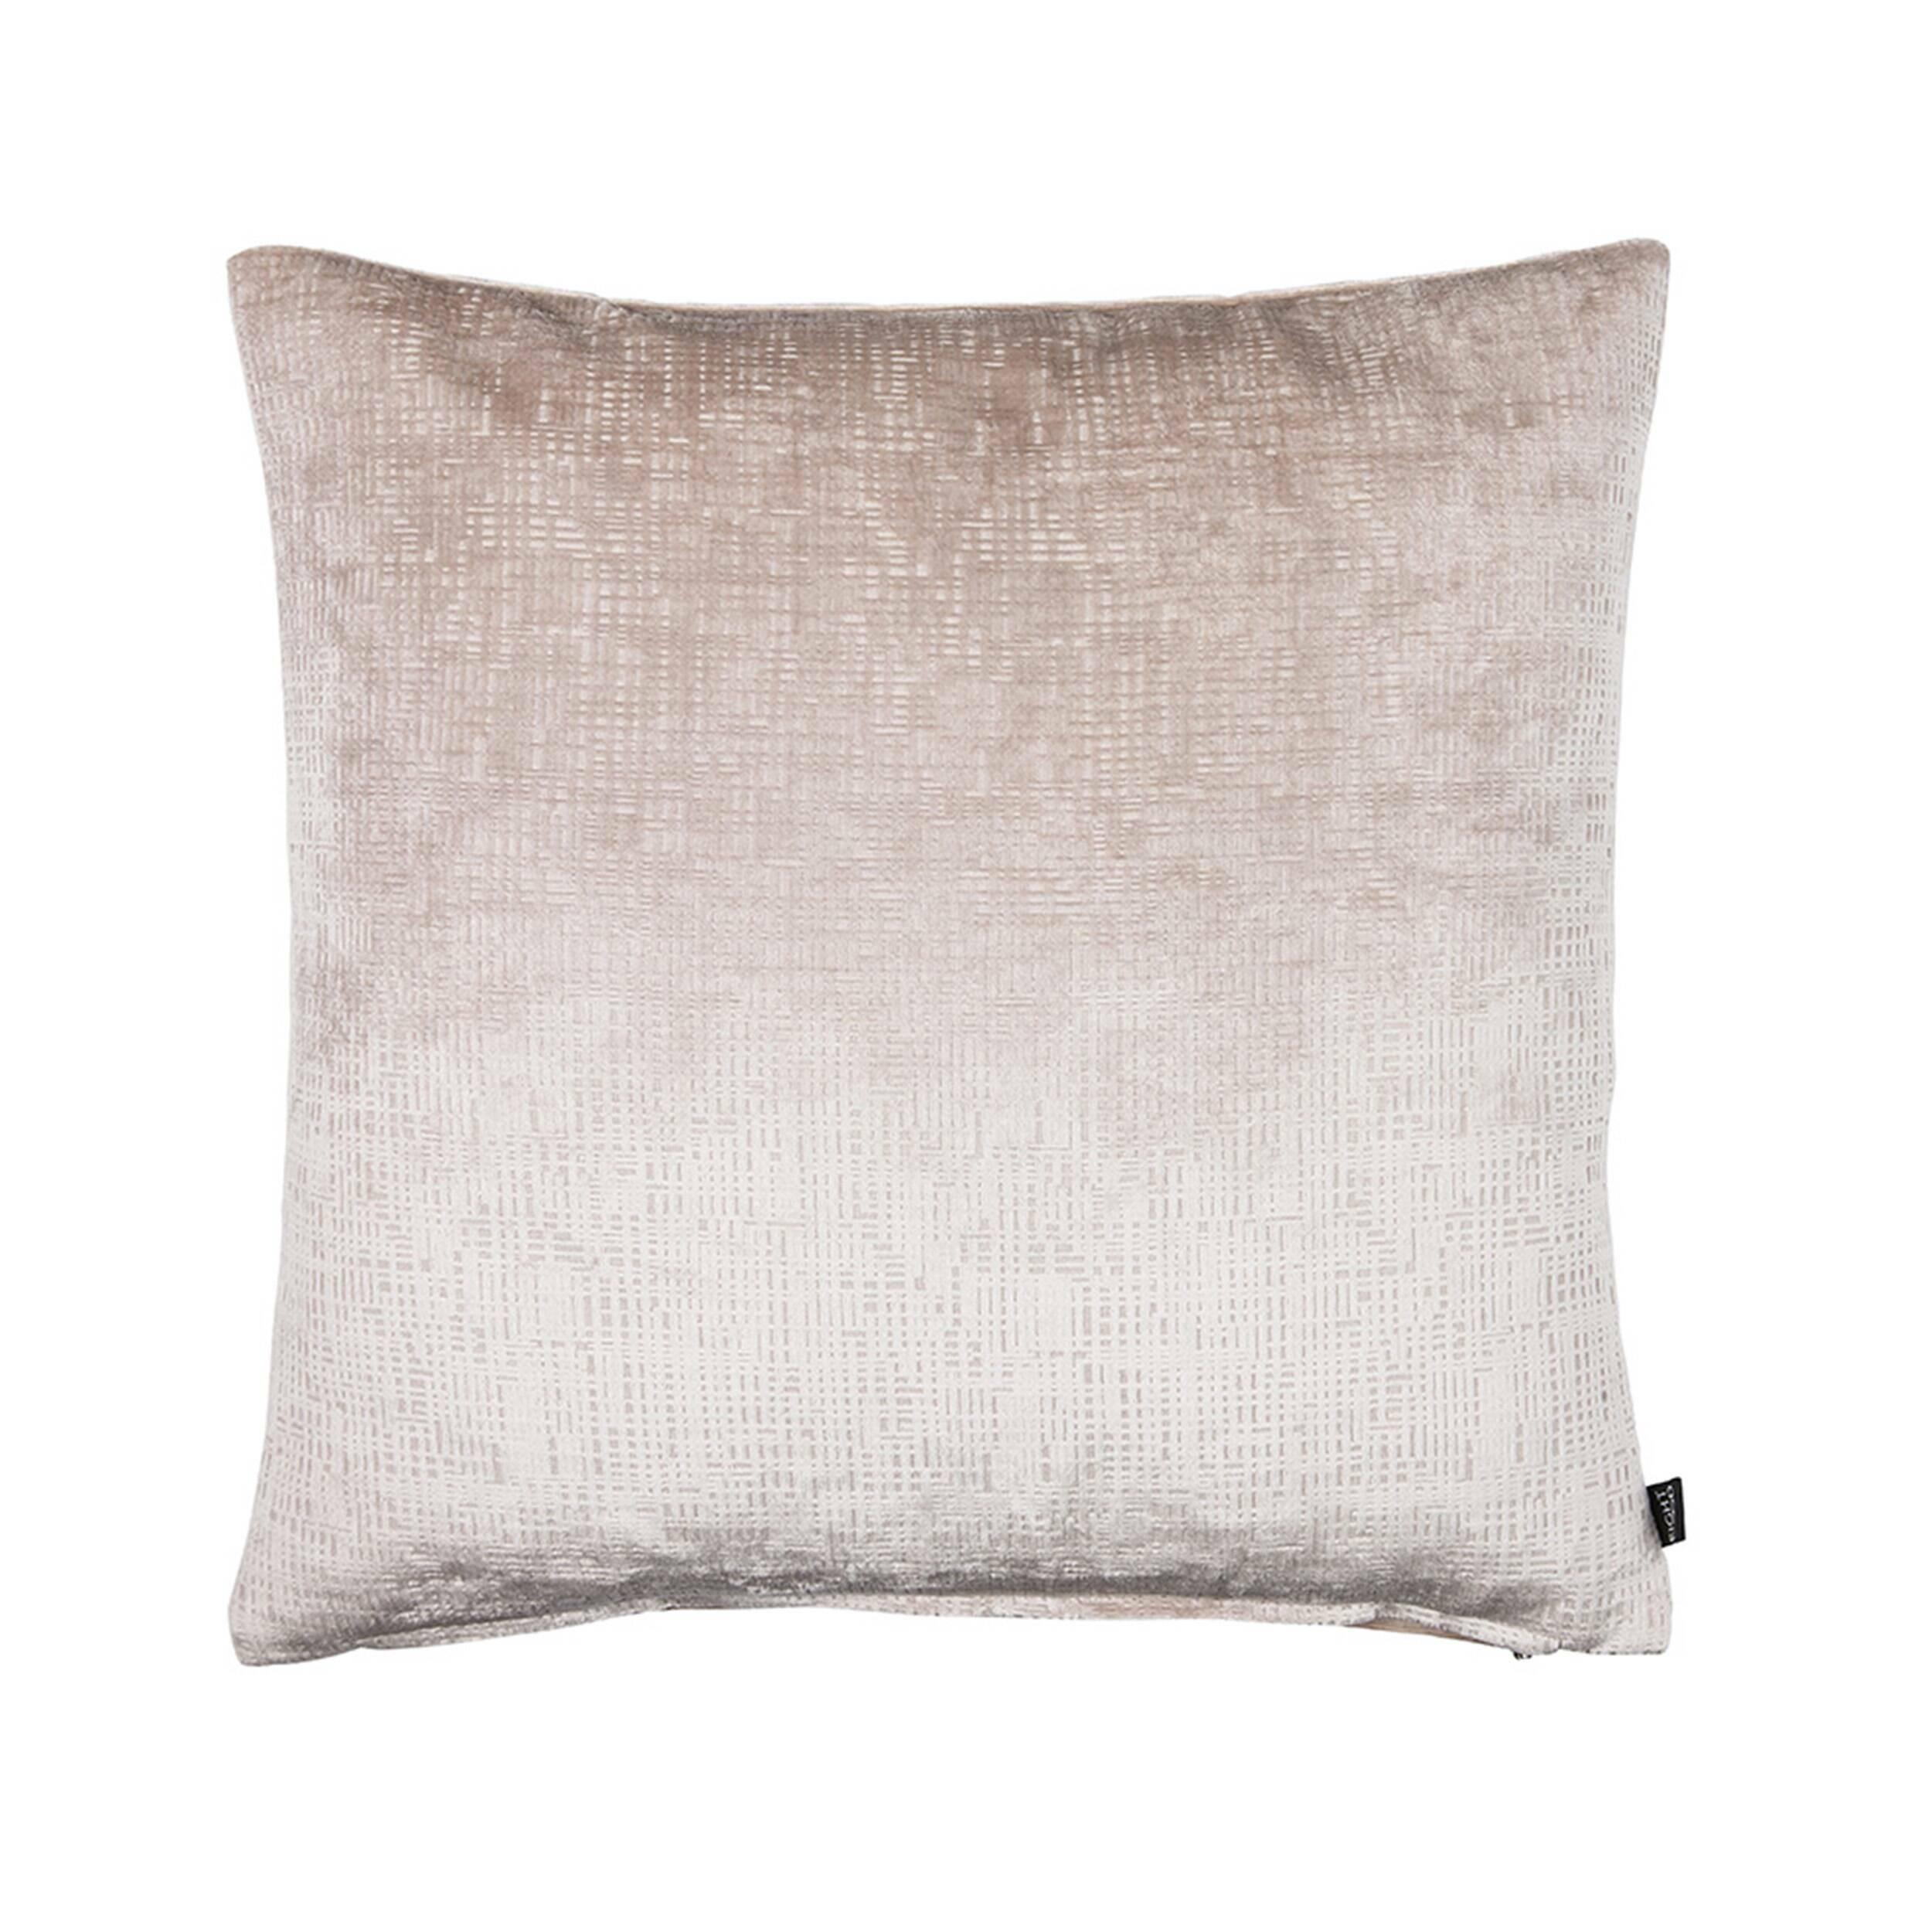 Декоративная подушка Cosmo 15580095 от Cosmorelax